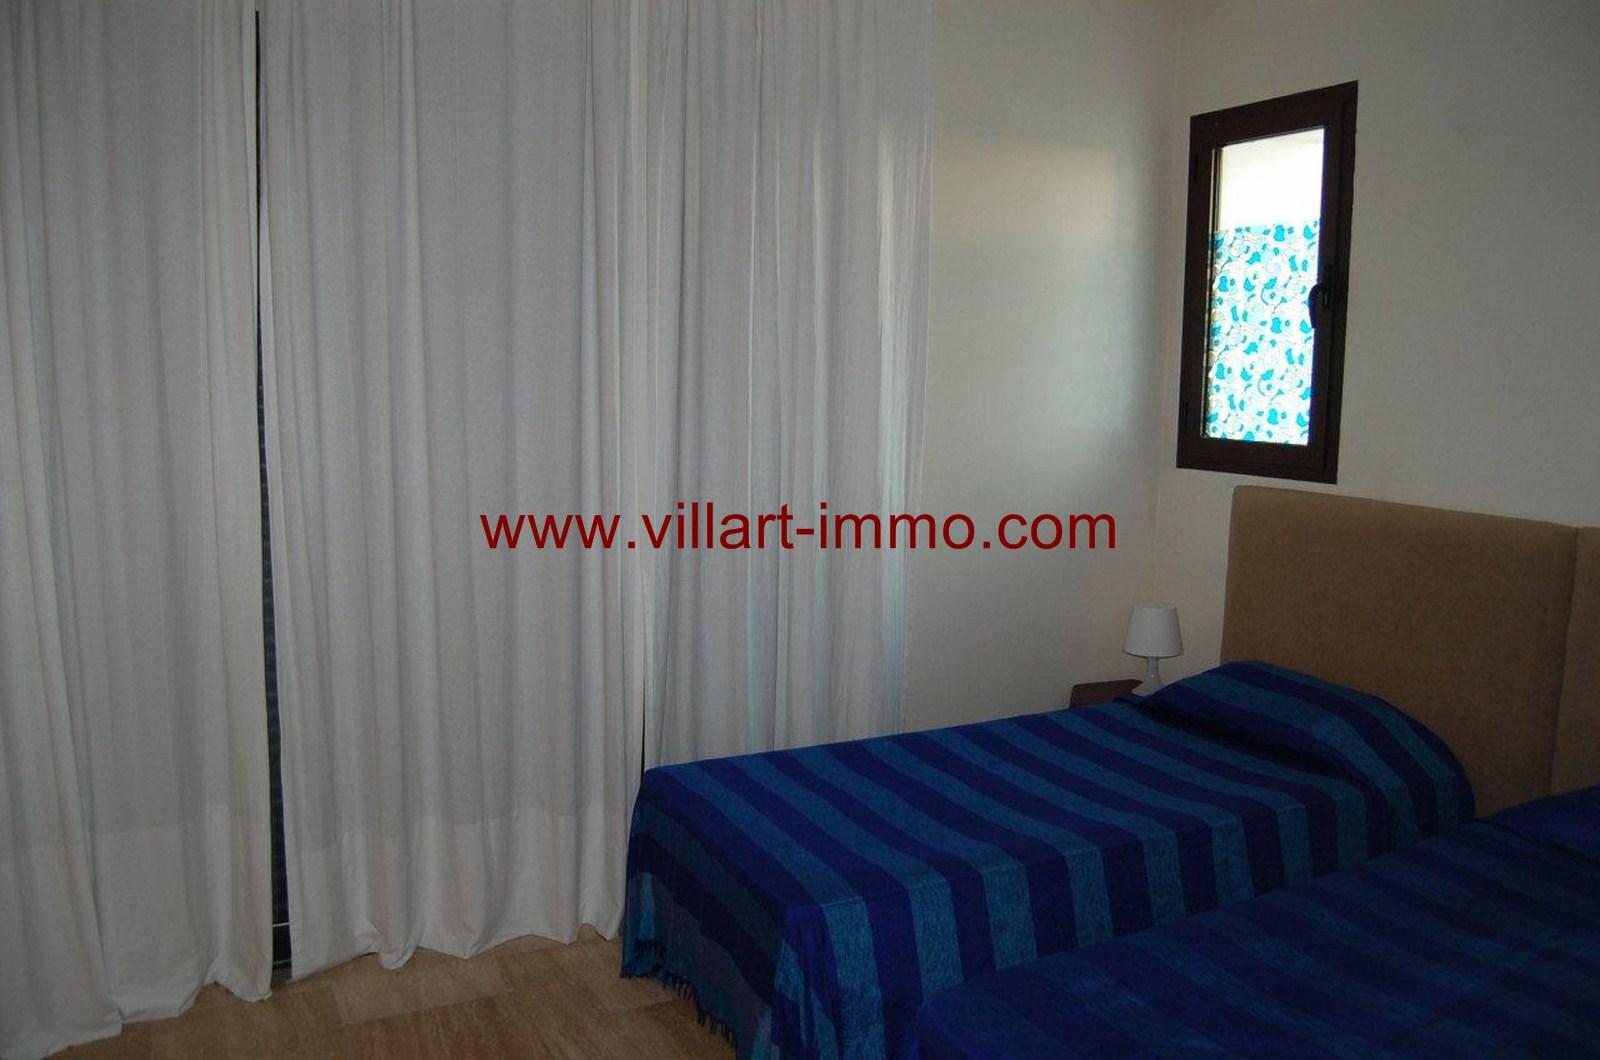 6-vente-appartement-tanger-achakar-chambre-1-va390-villart-immo